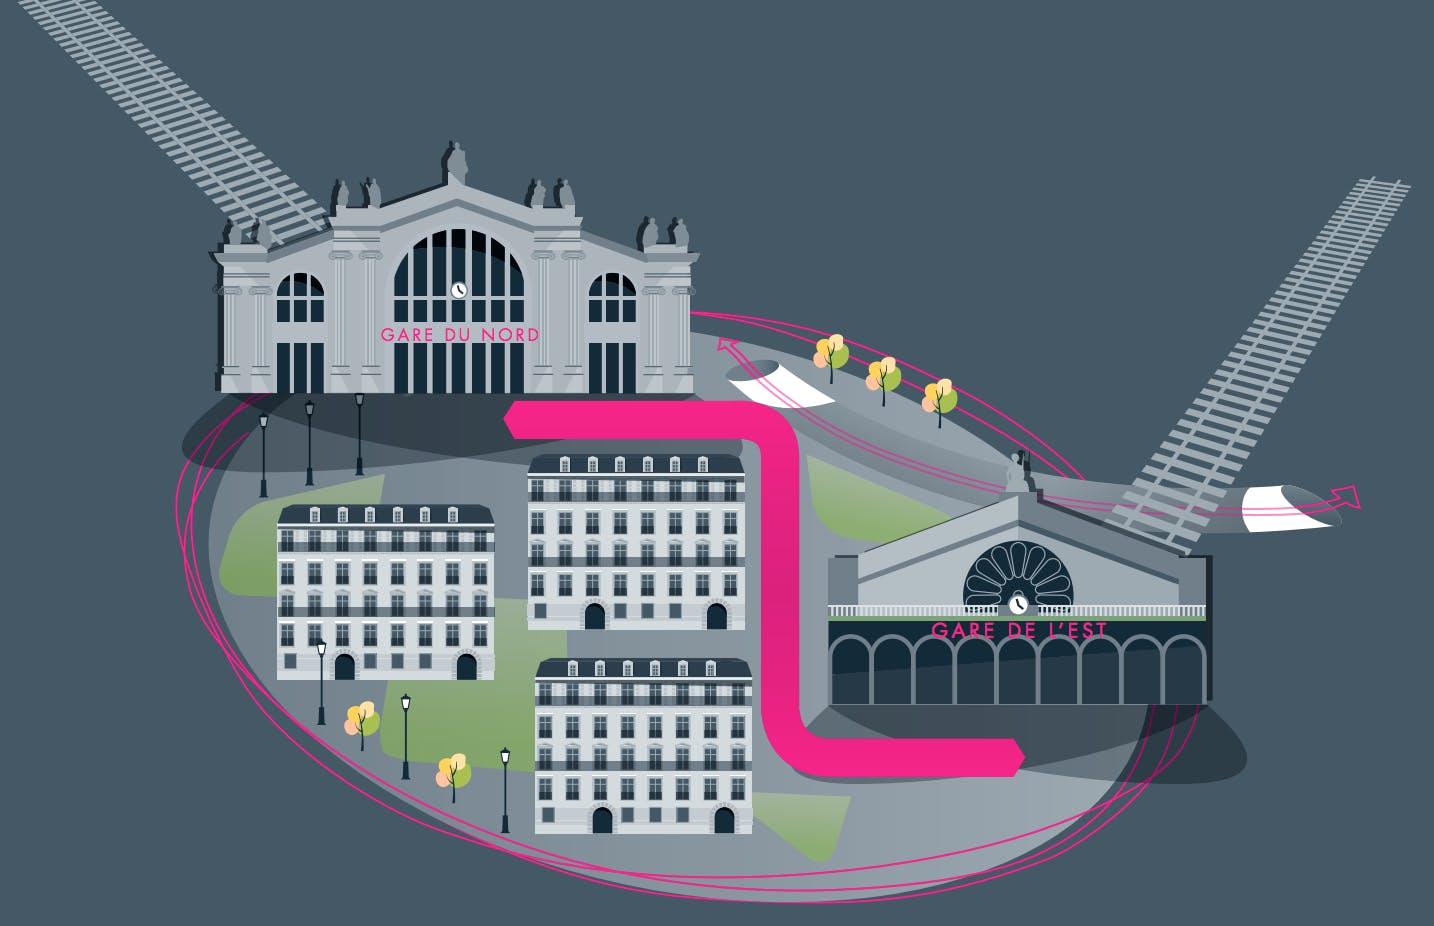 Infographie : Tracé de la liaison entre la Gare du nord et de l'est